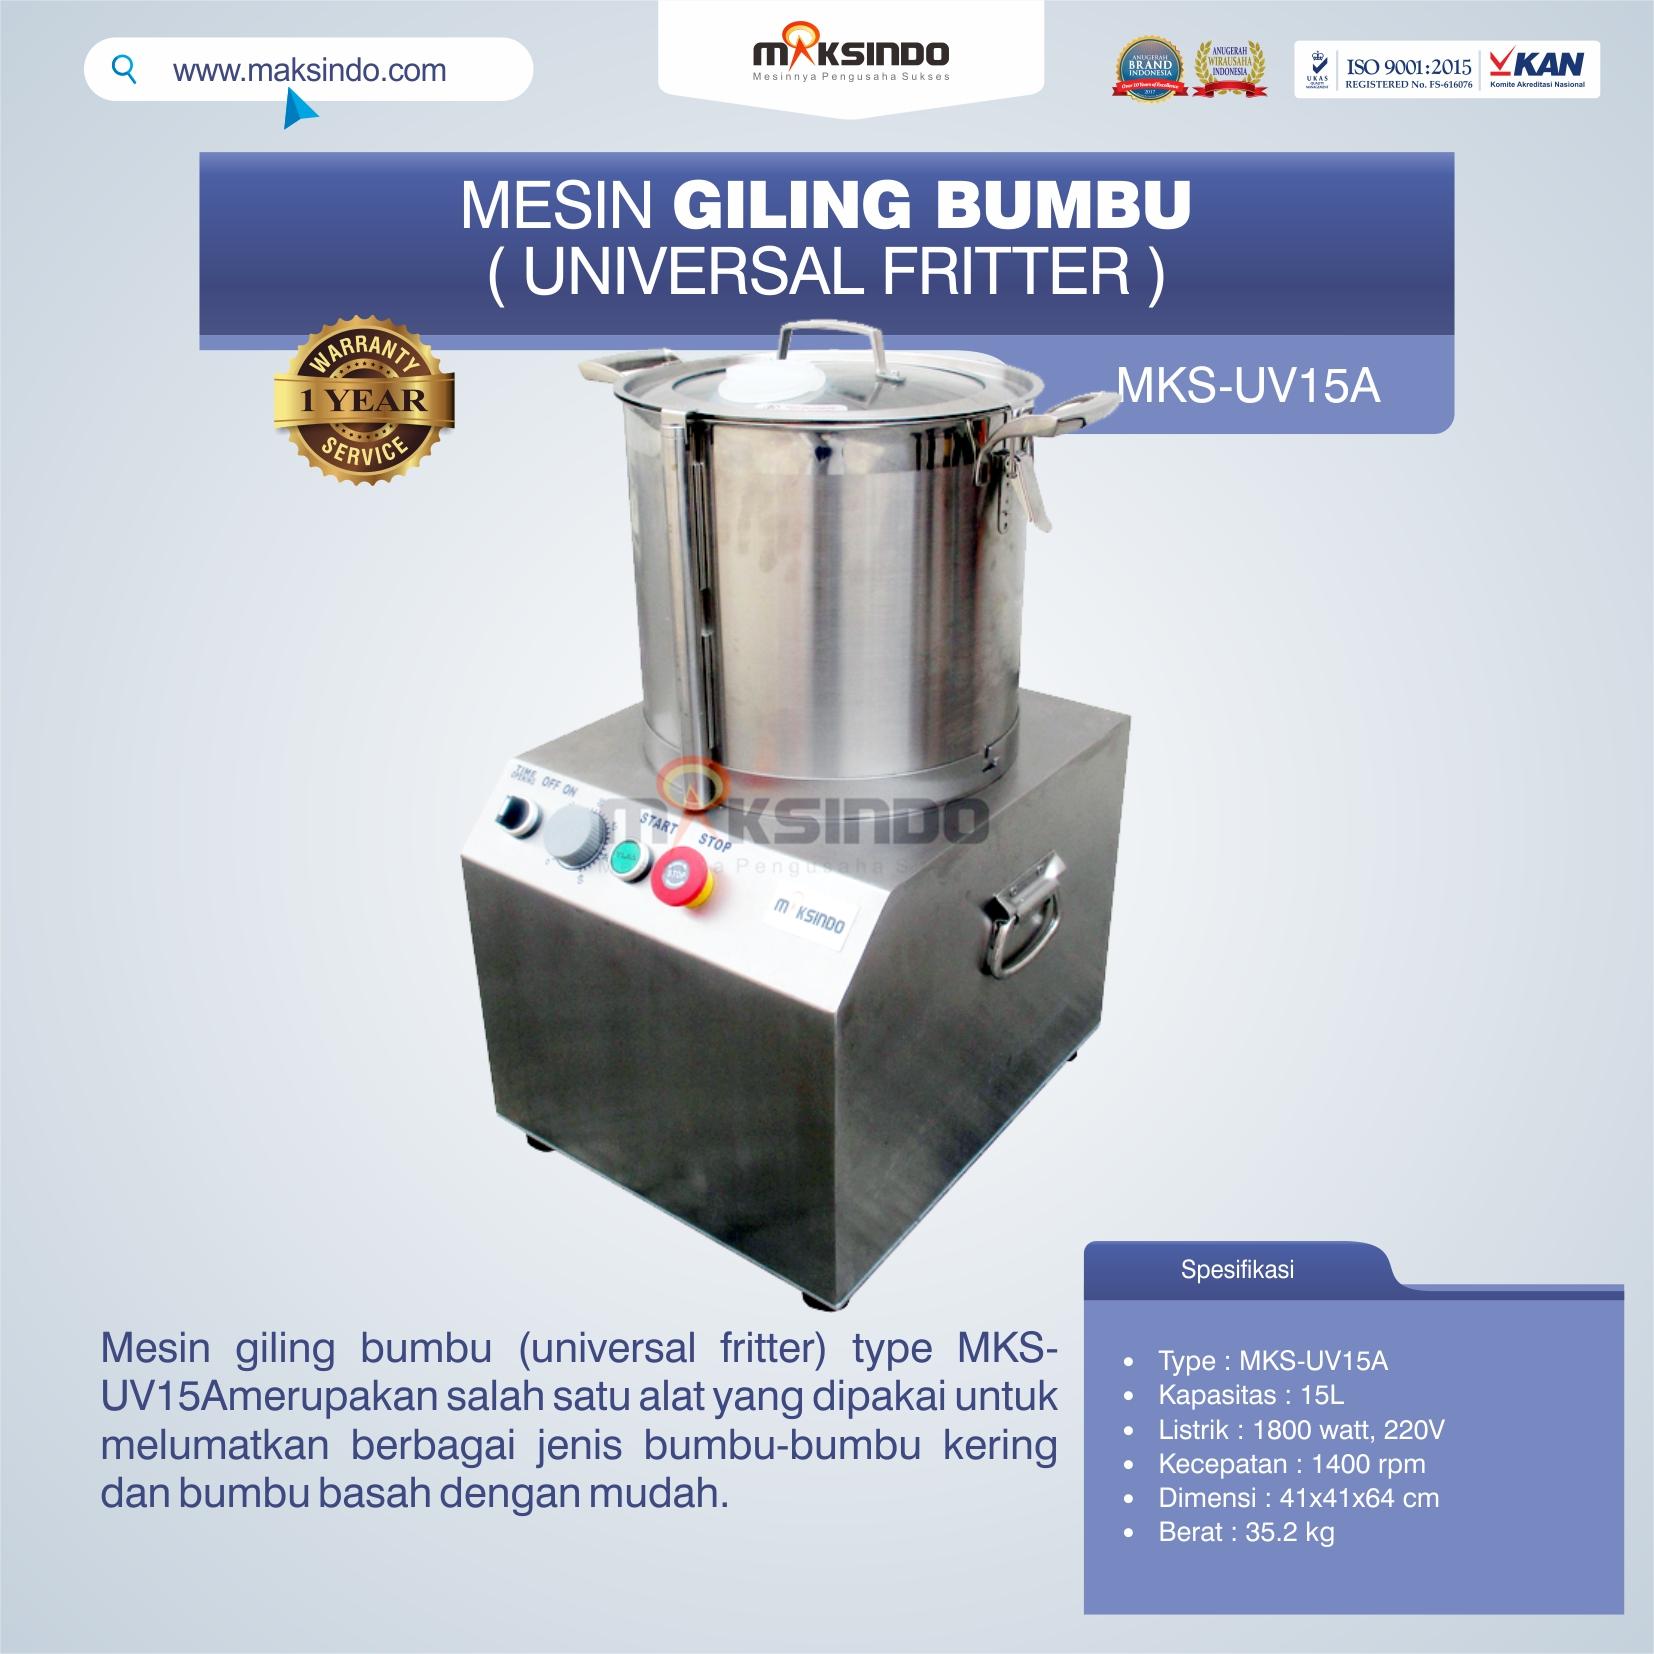 Jual Mesin Giling Bumbu (Universal Fritter) MKS-UV15A di Pekanbaru